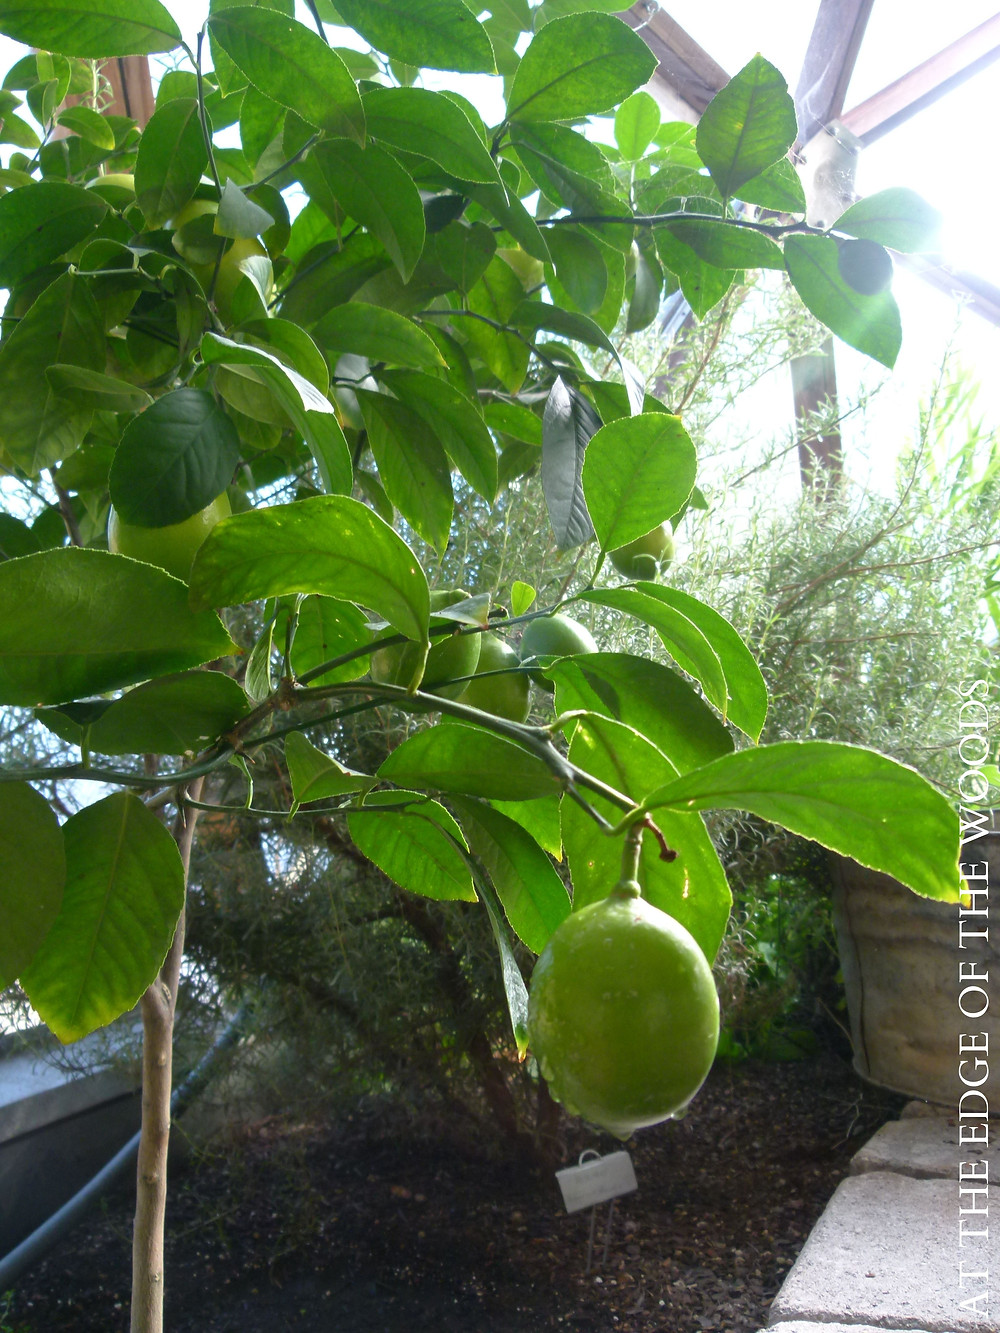 unripe Meyer Lemons